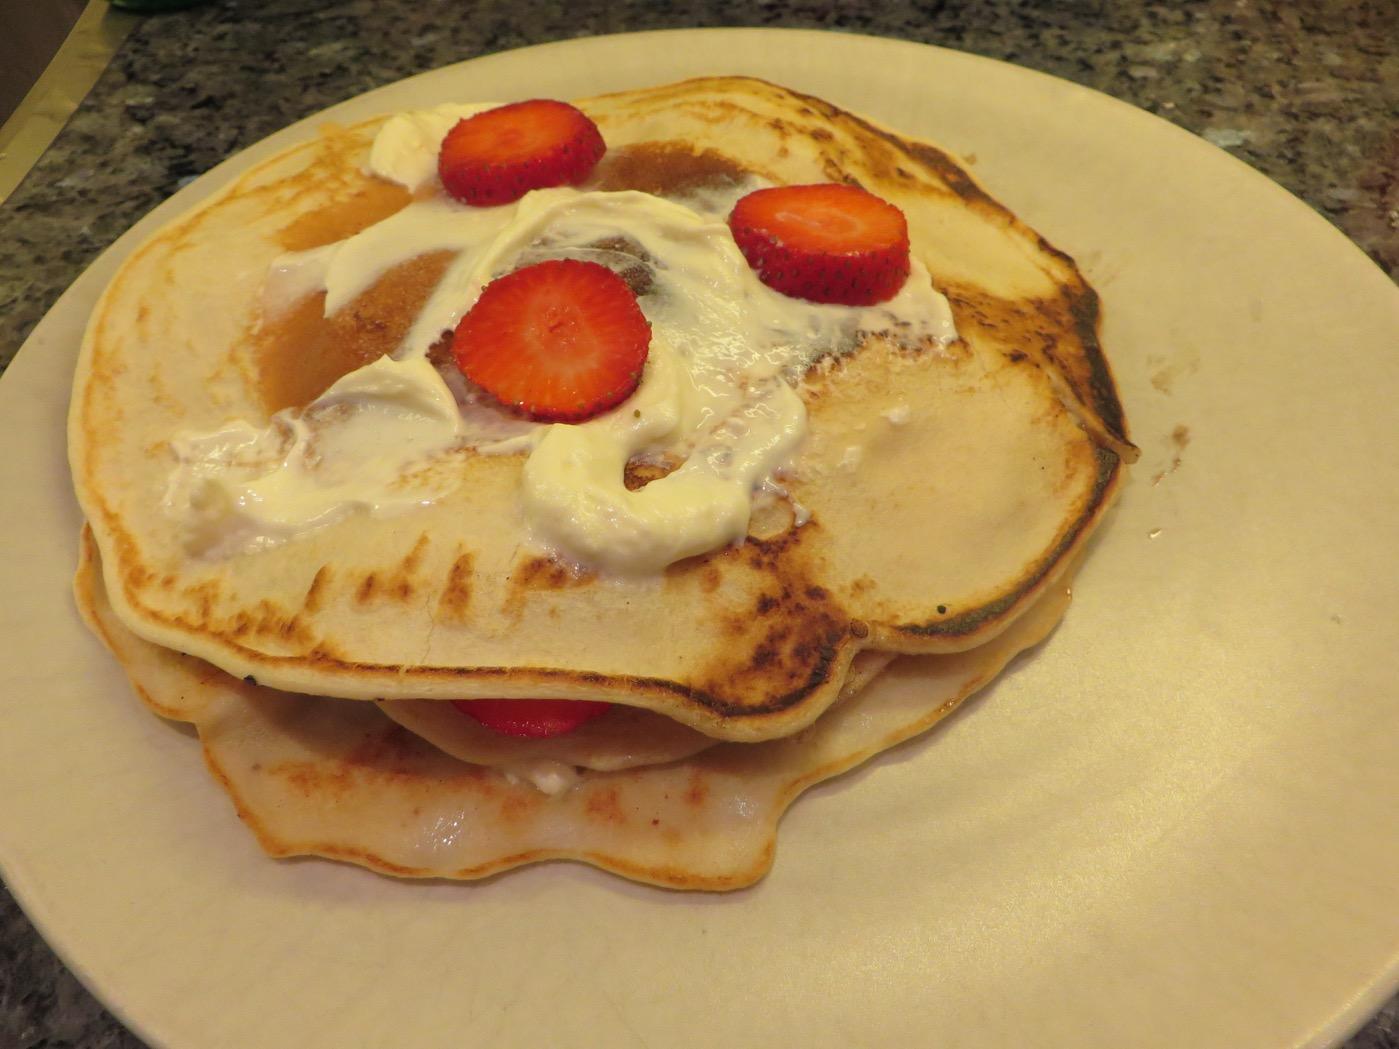 Pannkakstårta med proteinpannkakor, kvarg och jordgubbar